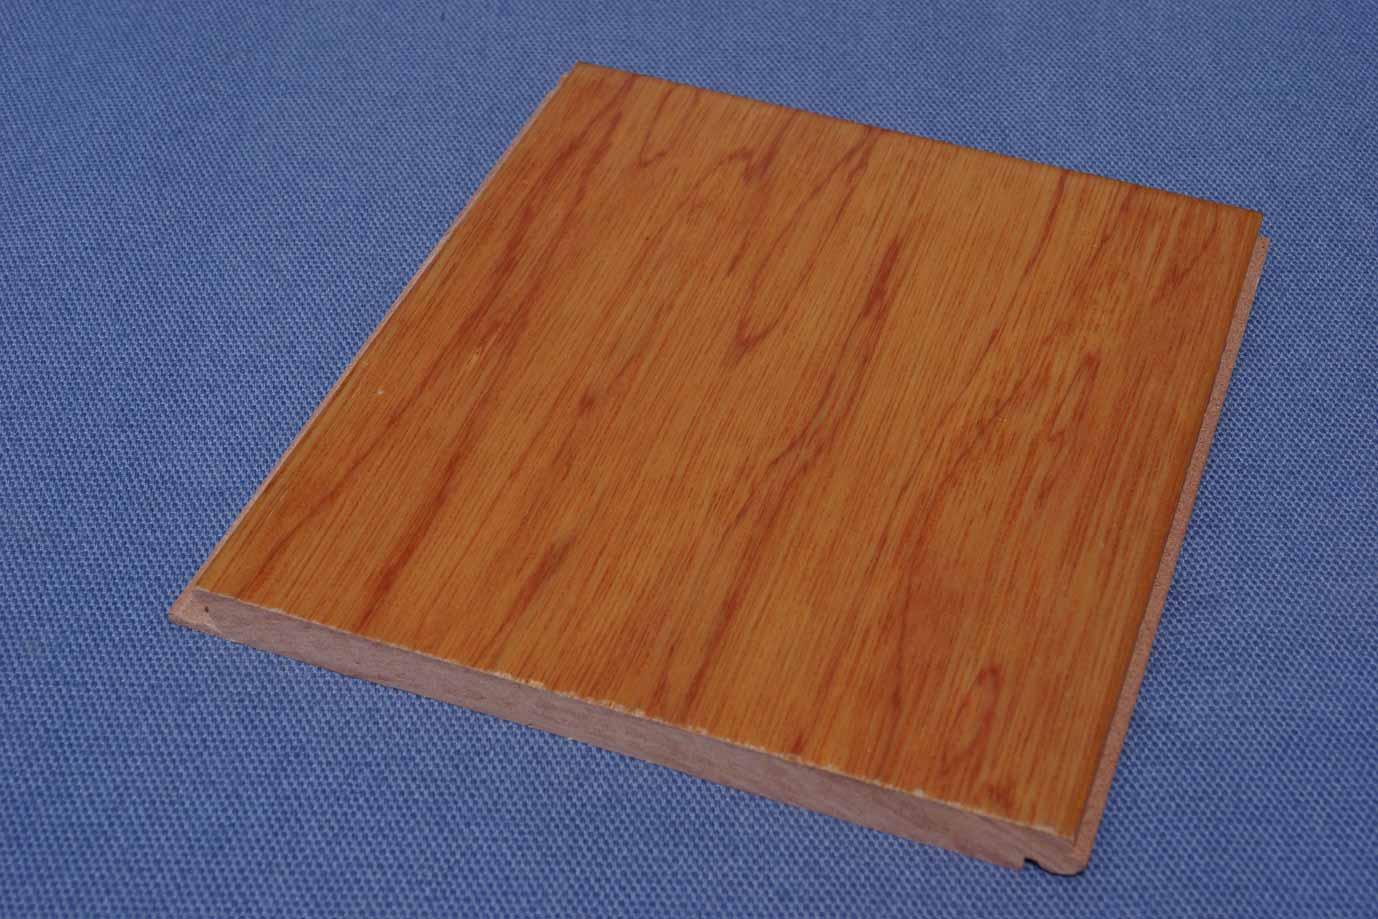 北京生态木室内地板批发-供应山东品质好的生态木室内地板